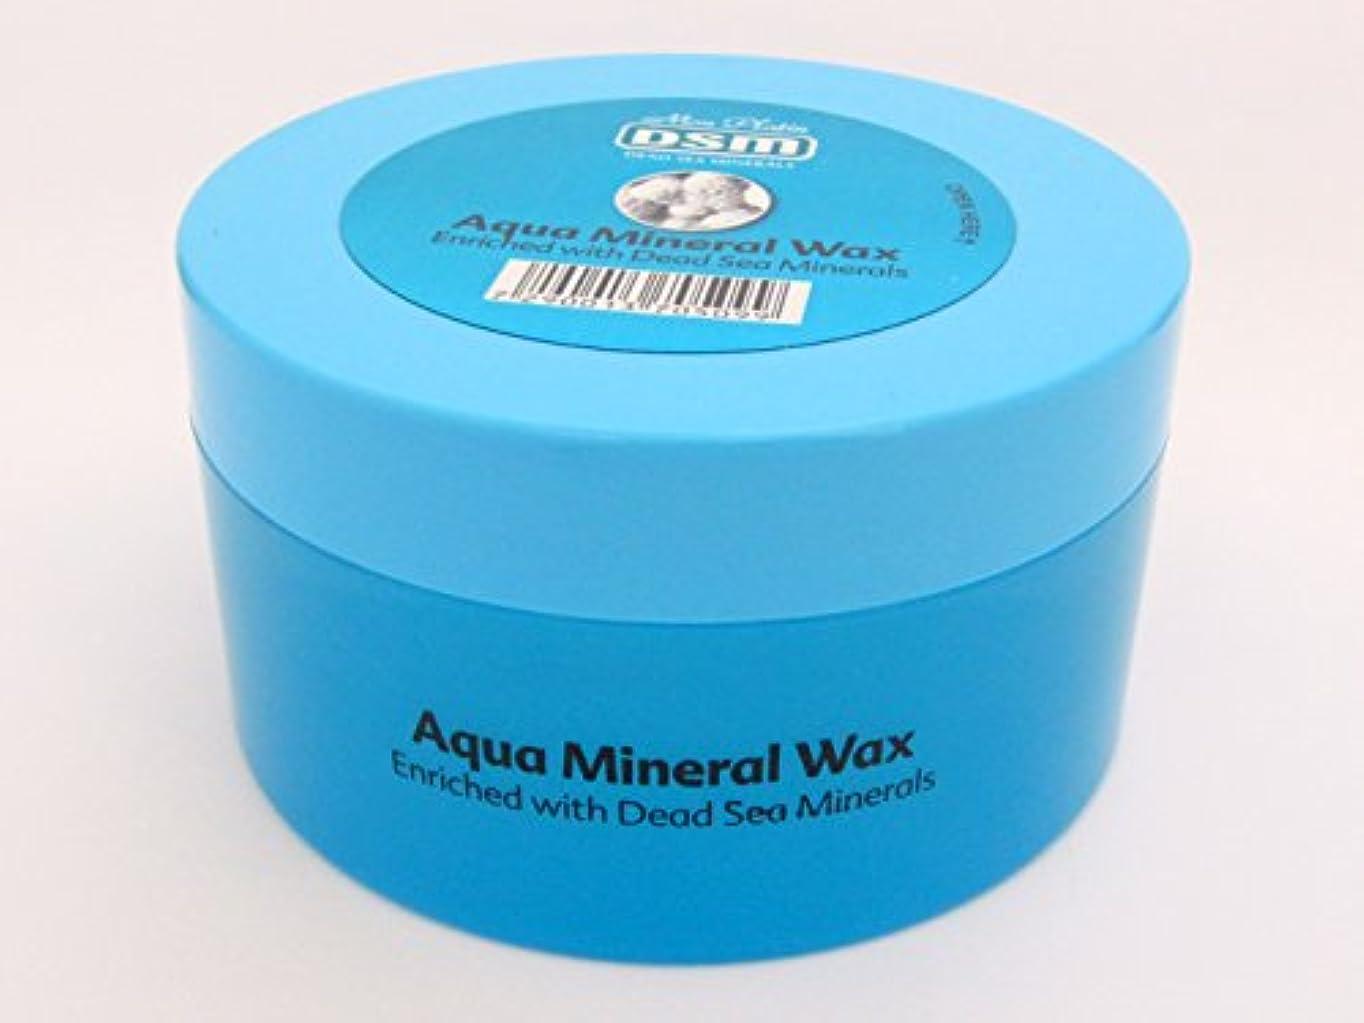 黒人炎上信号液状ミネラルワックス 280mL Mon Platin 死海ミネラル 整髪 全髪タイプ 天然 お手入れ 美容 イスラエル (Aqua Mineral Wax)